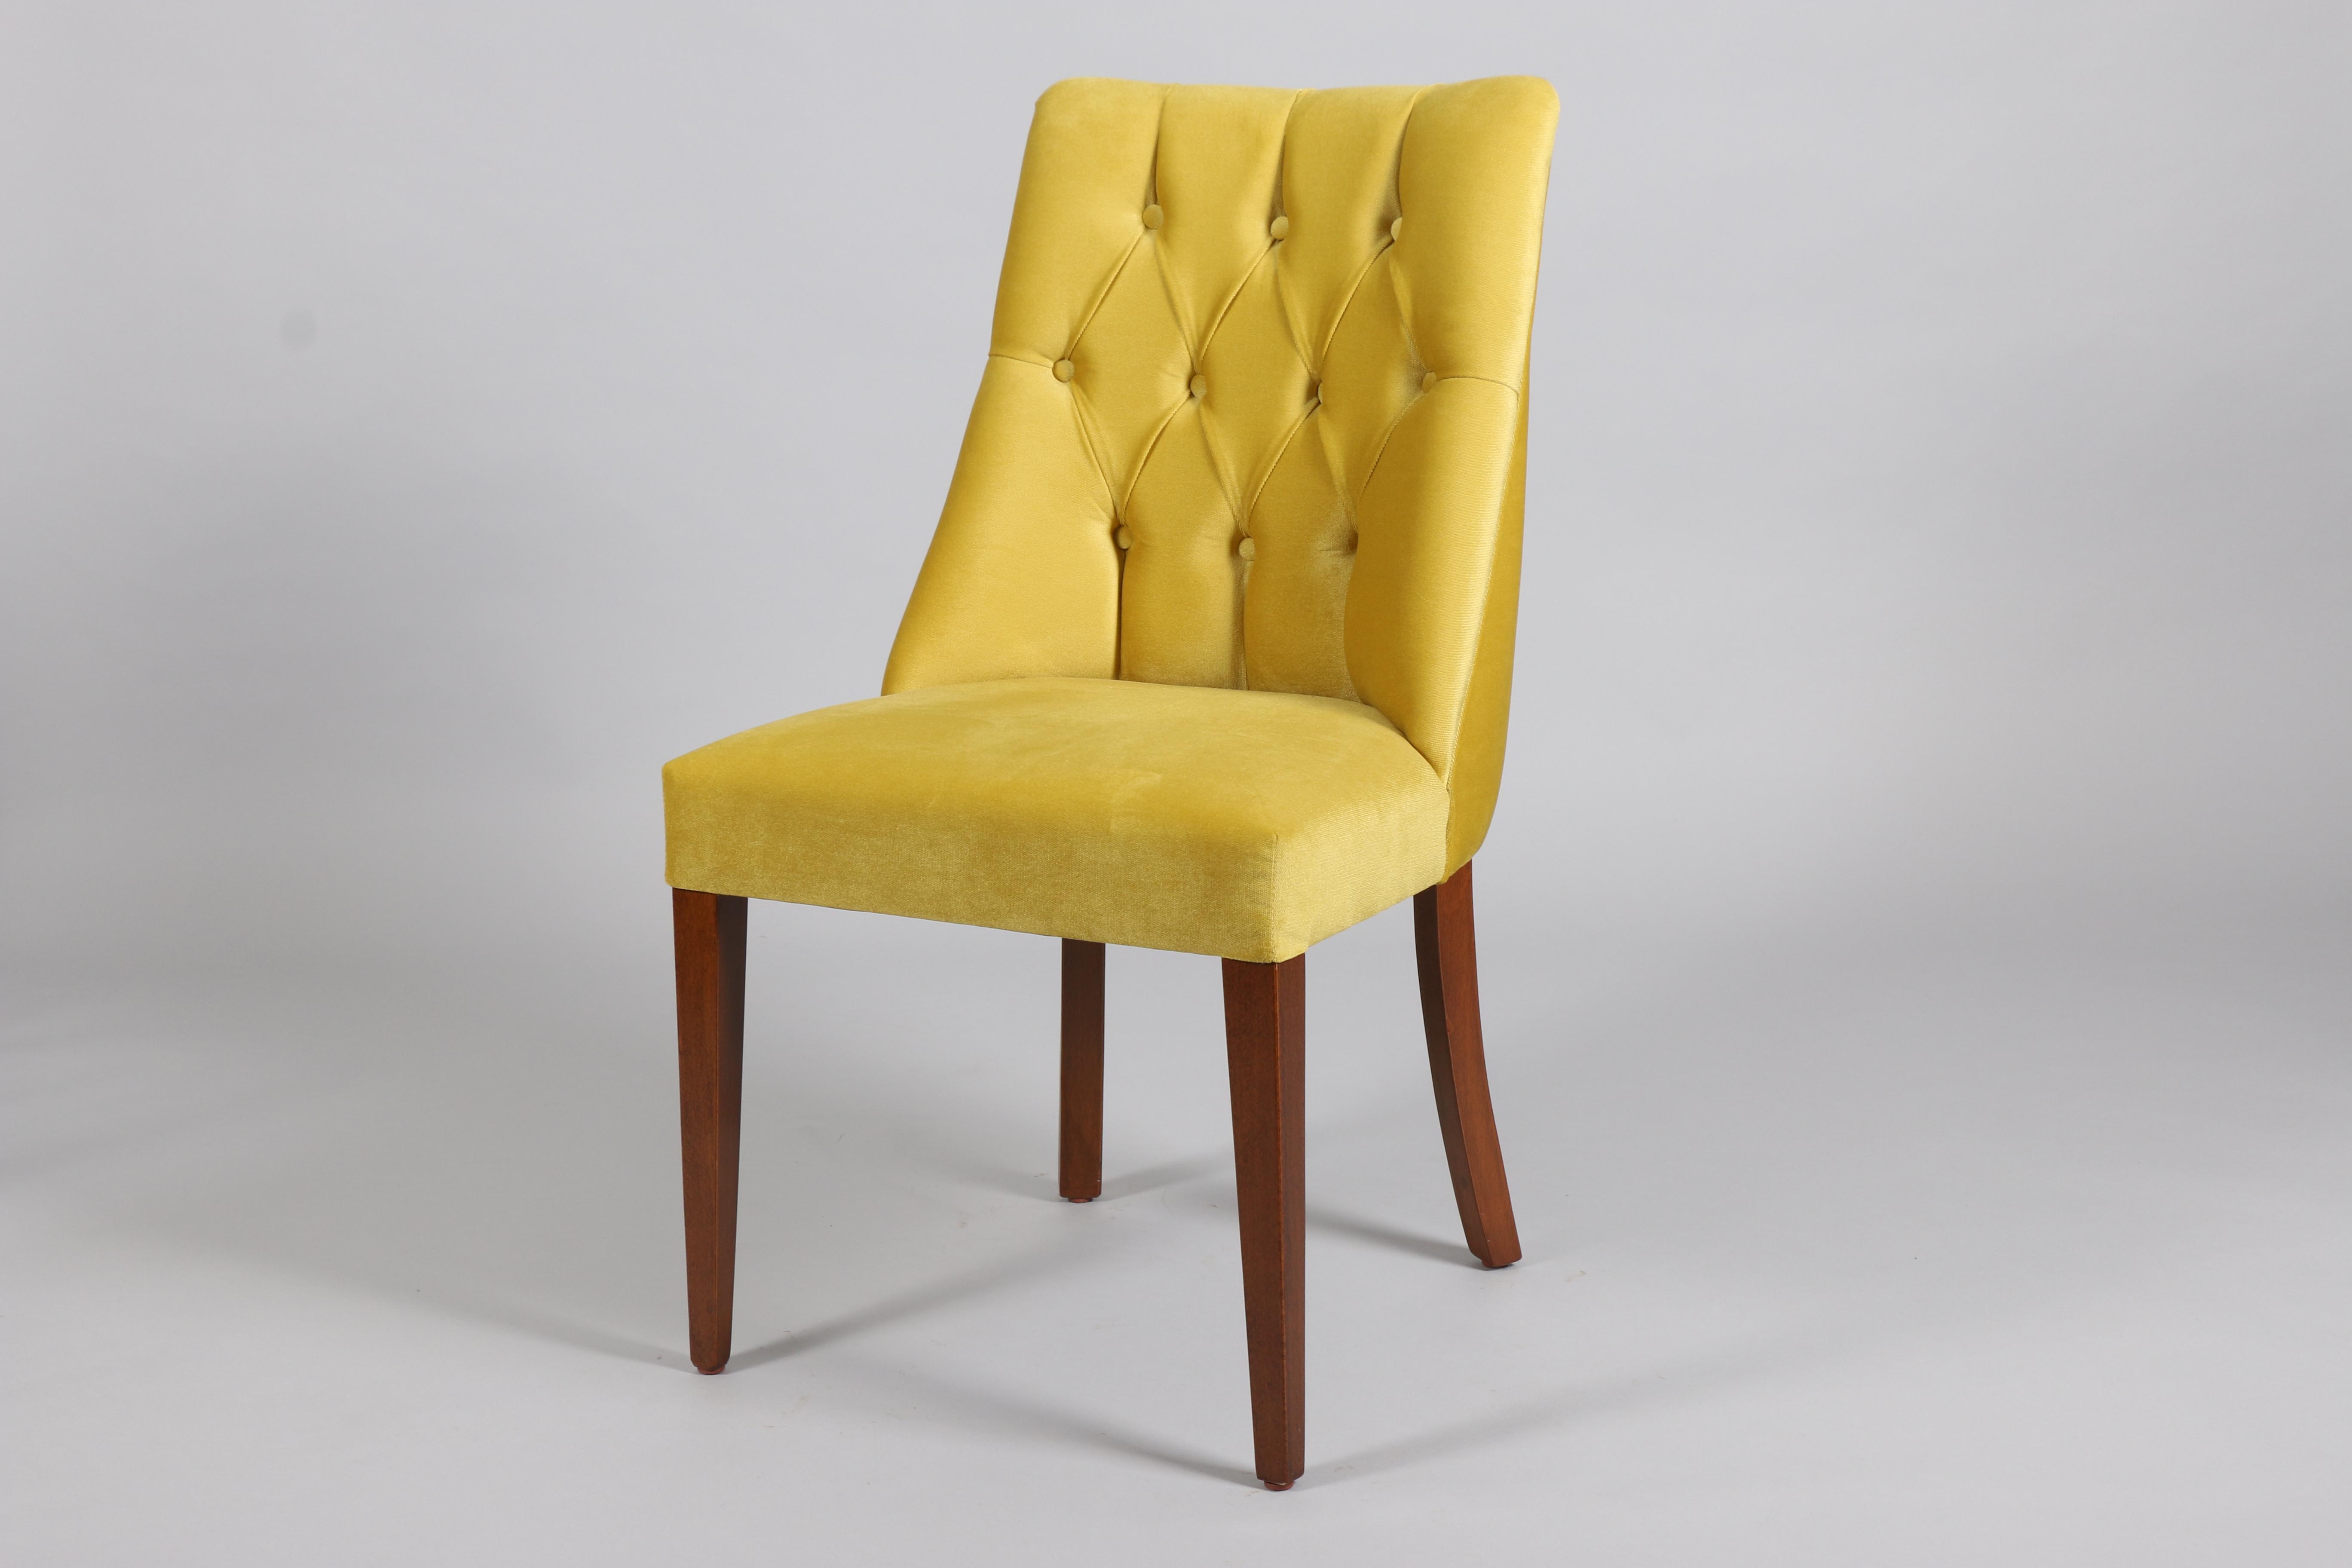 жълт стол дърво Ладин